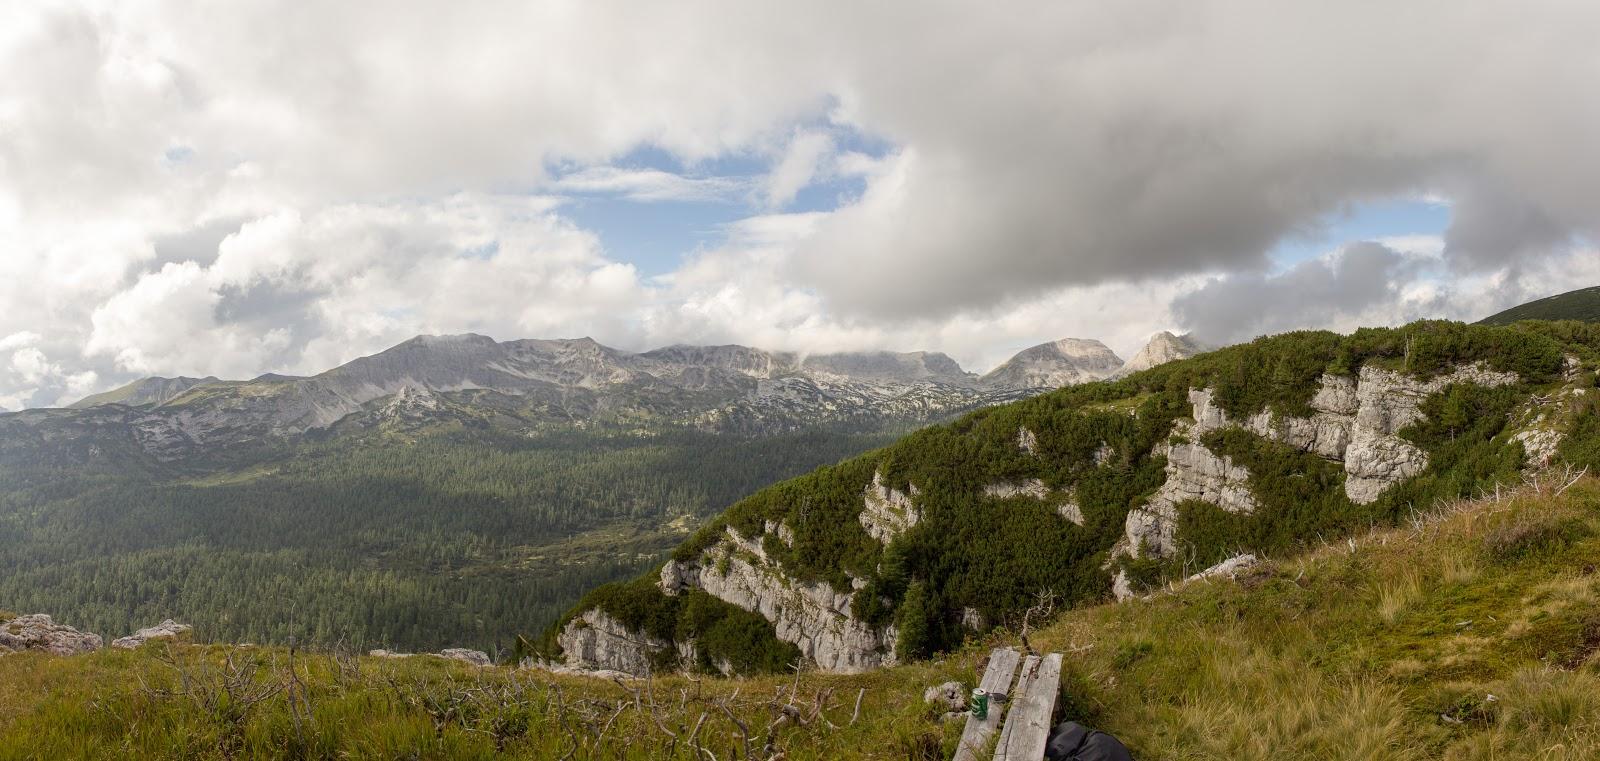 Wanderung von der Hintereggeralm bei Liezen zum Nazogl, Angerkogel und Kosennspitz. - Blick zum Toten Gebirge und Warschenegg